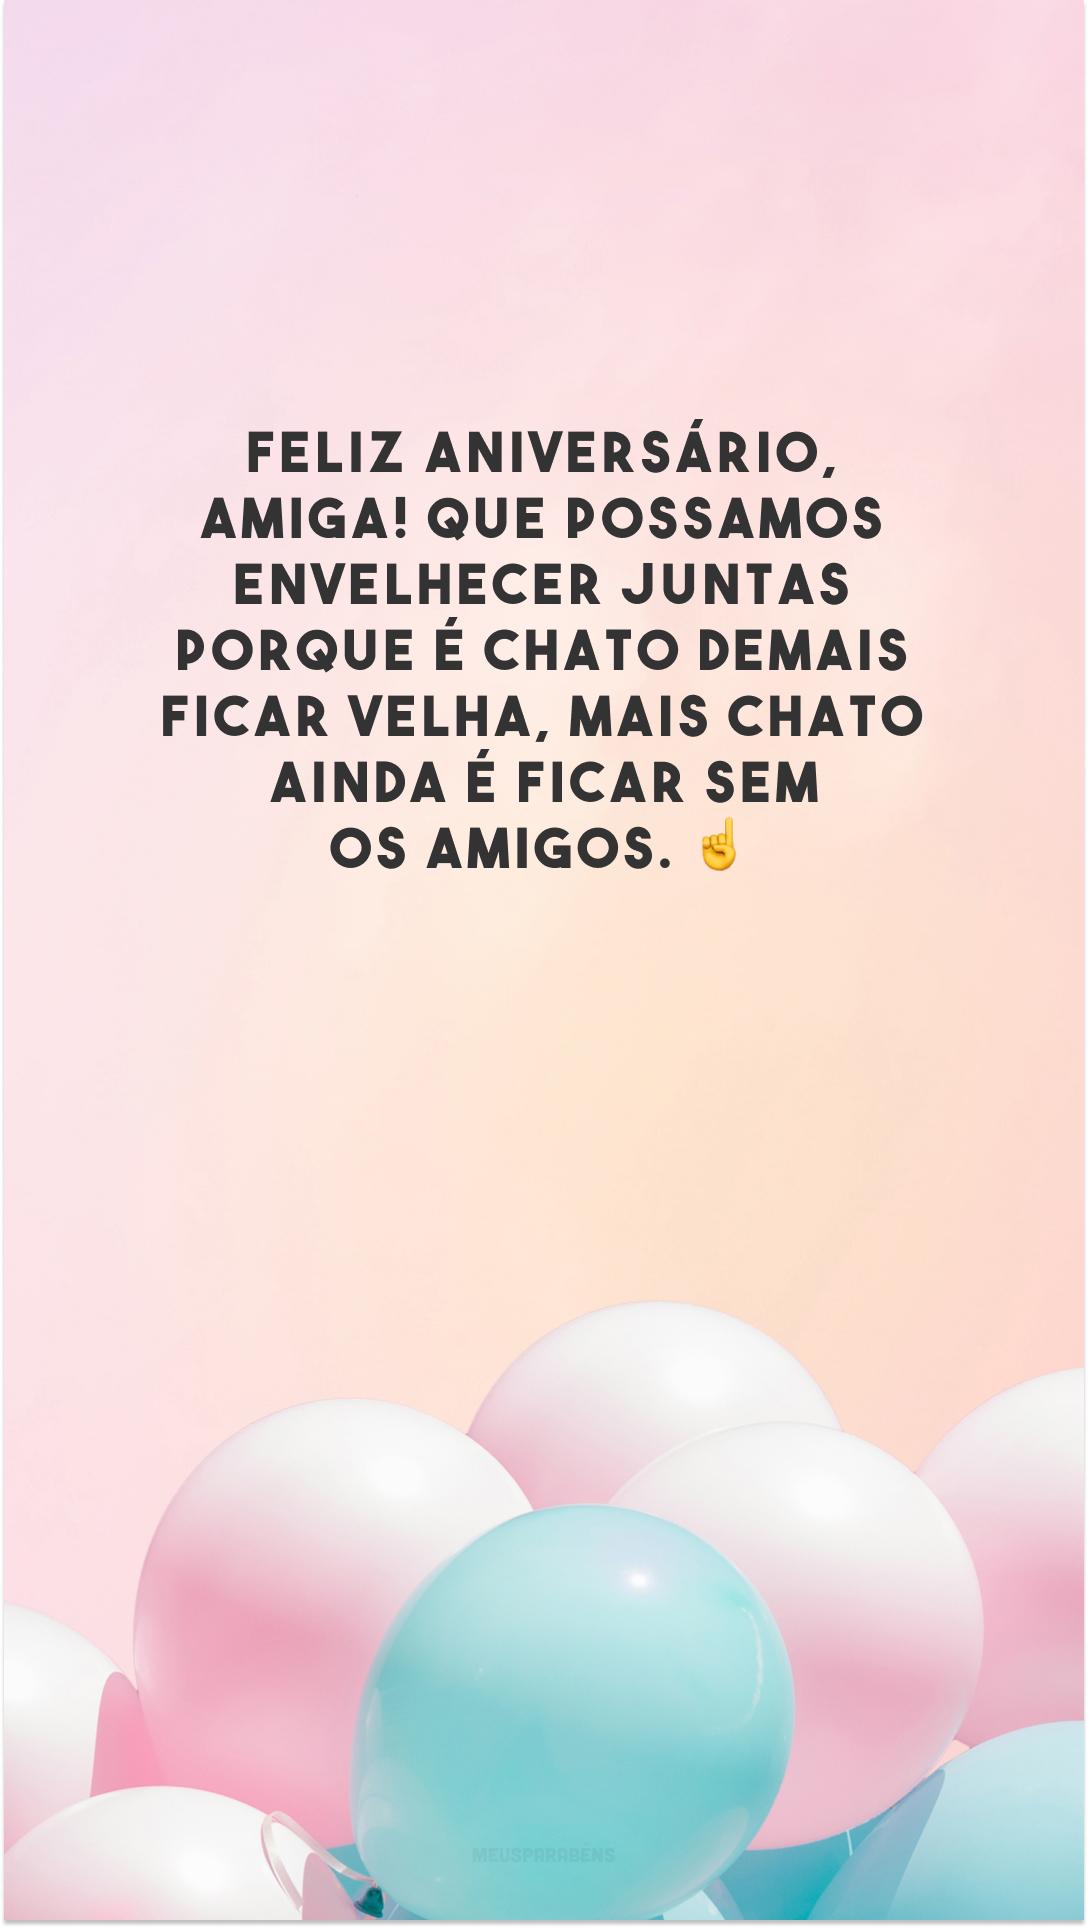 Feliz aniversário, amiga! Que possamos envelhecer juntas porque é chato demais ficar velha, mais chato ainda é ficar sem os amigos. ☝️